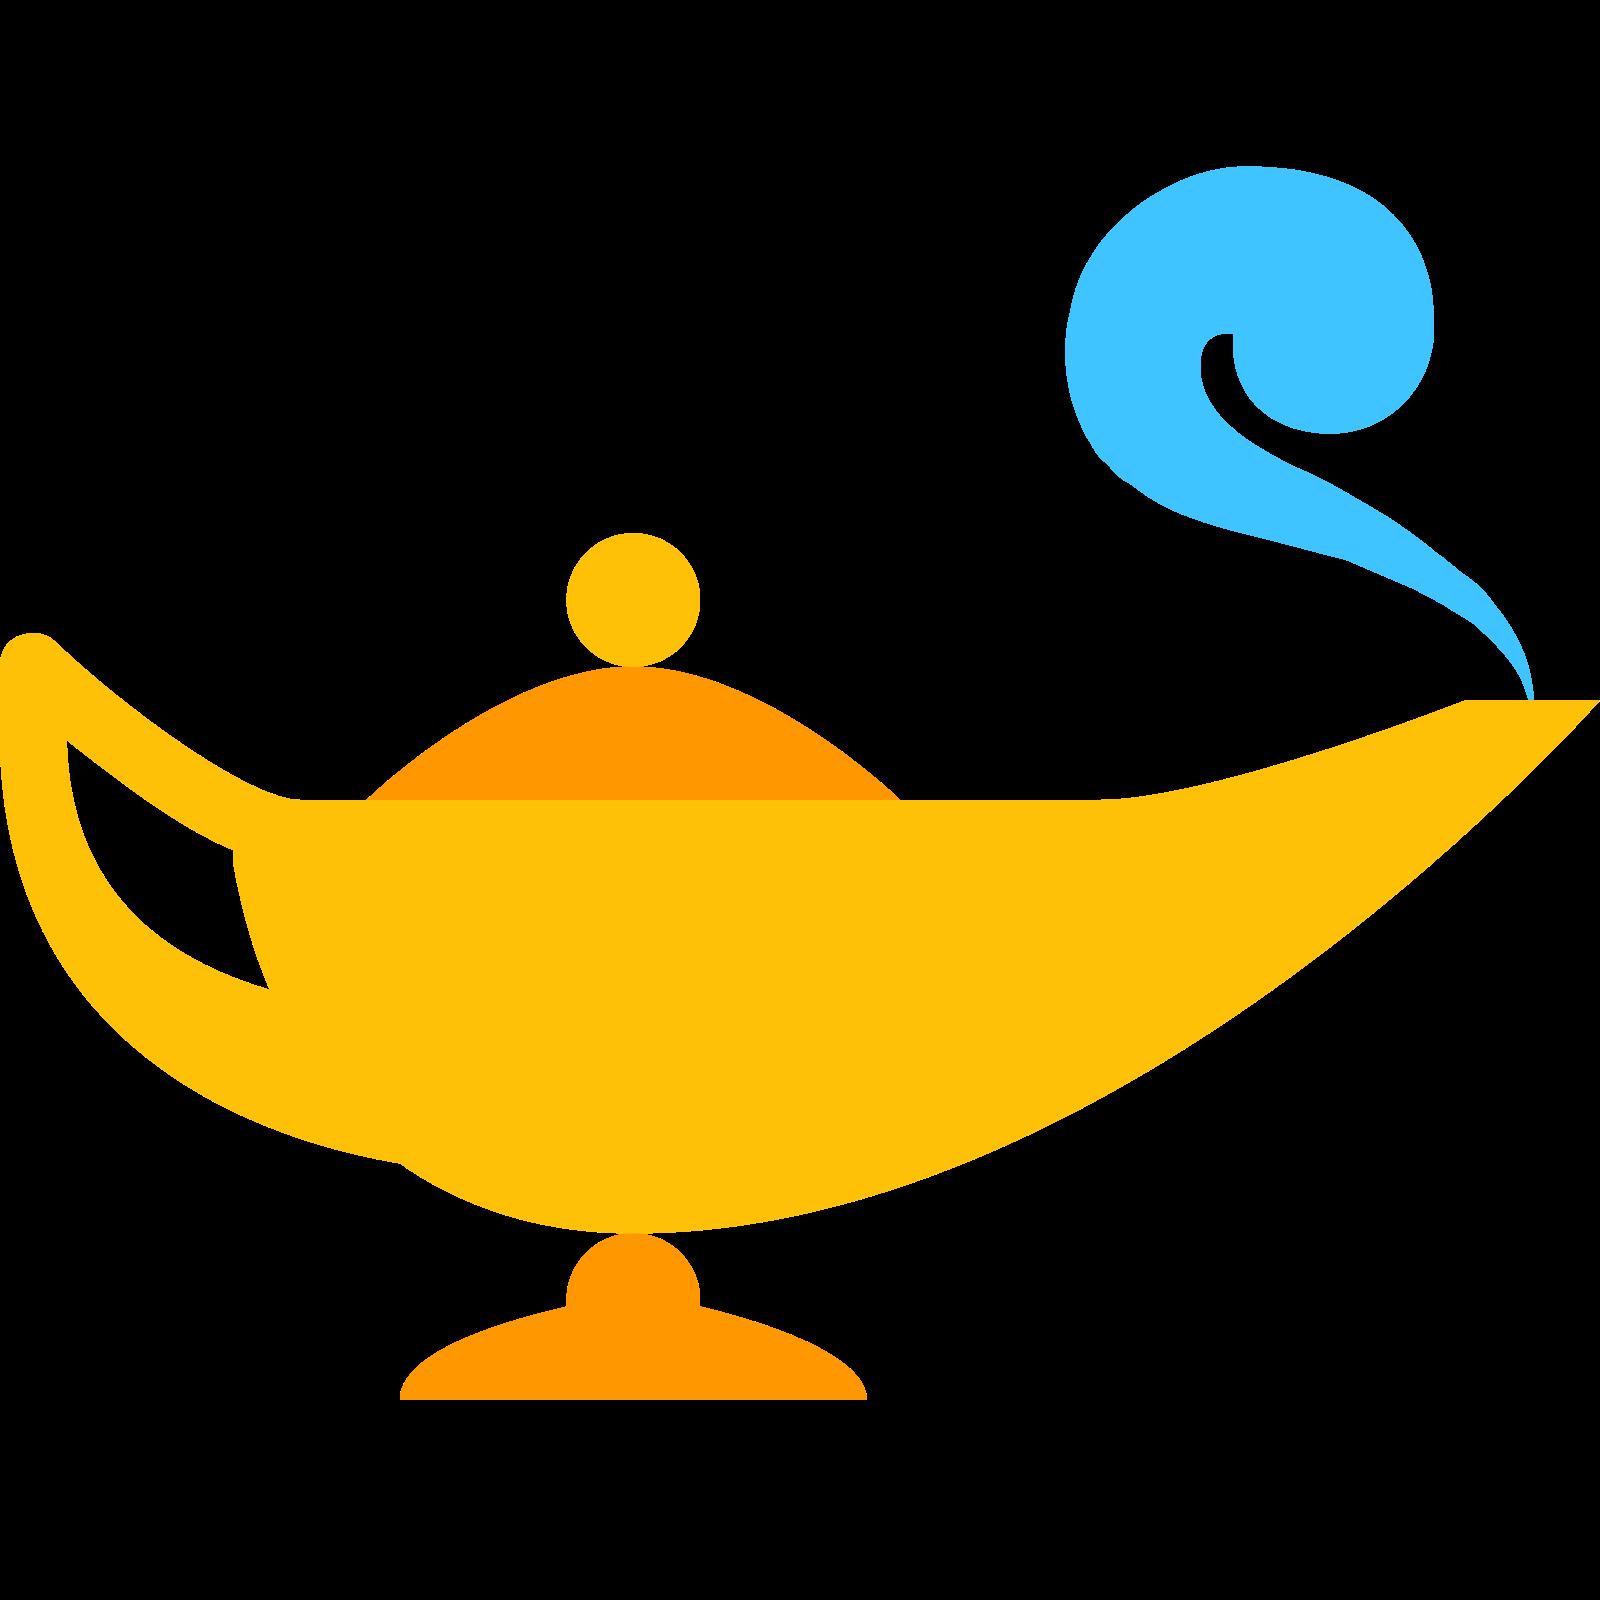 Lampa Alladin icon